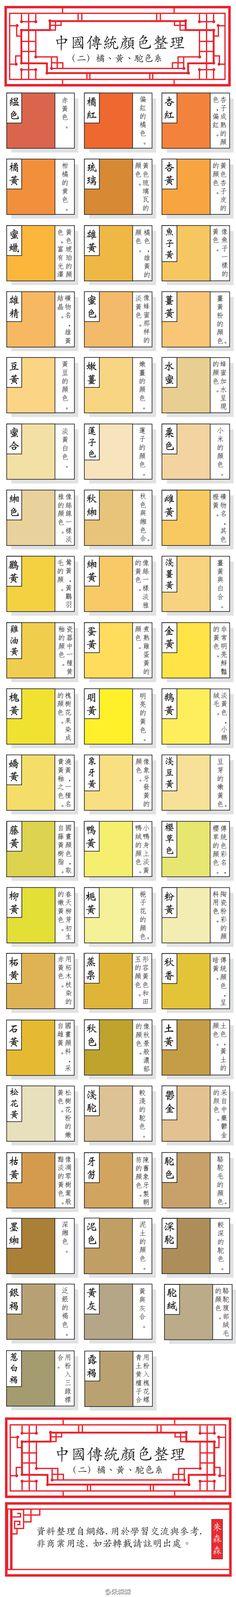 中國傳統顏色整理(二)之橘、黃、駝色系 by 朱森森 on Weibo